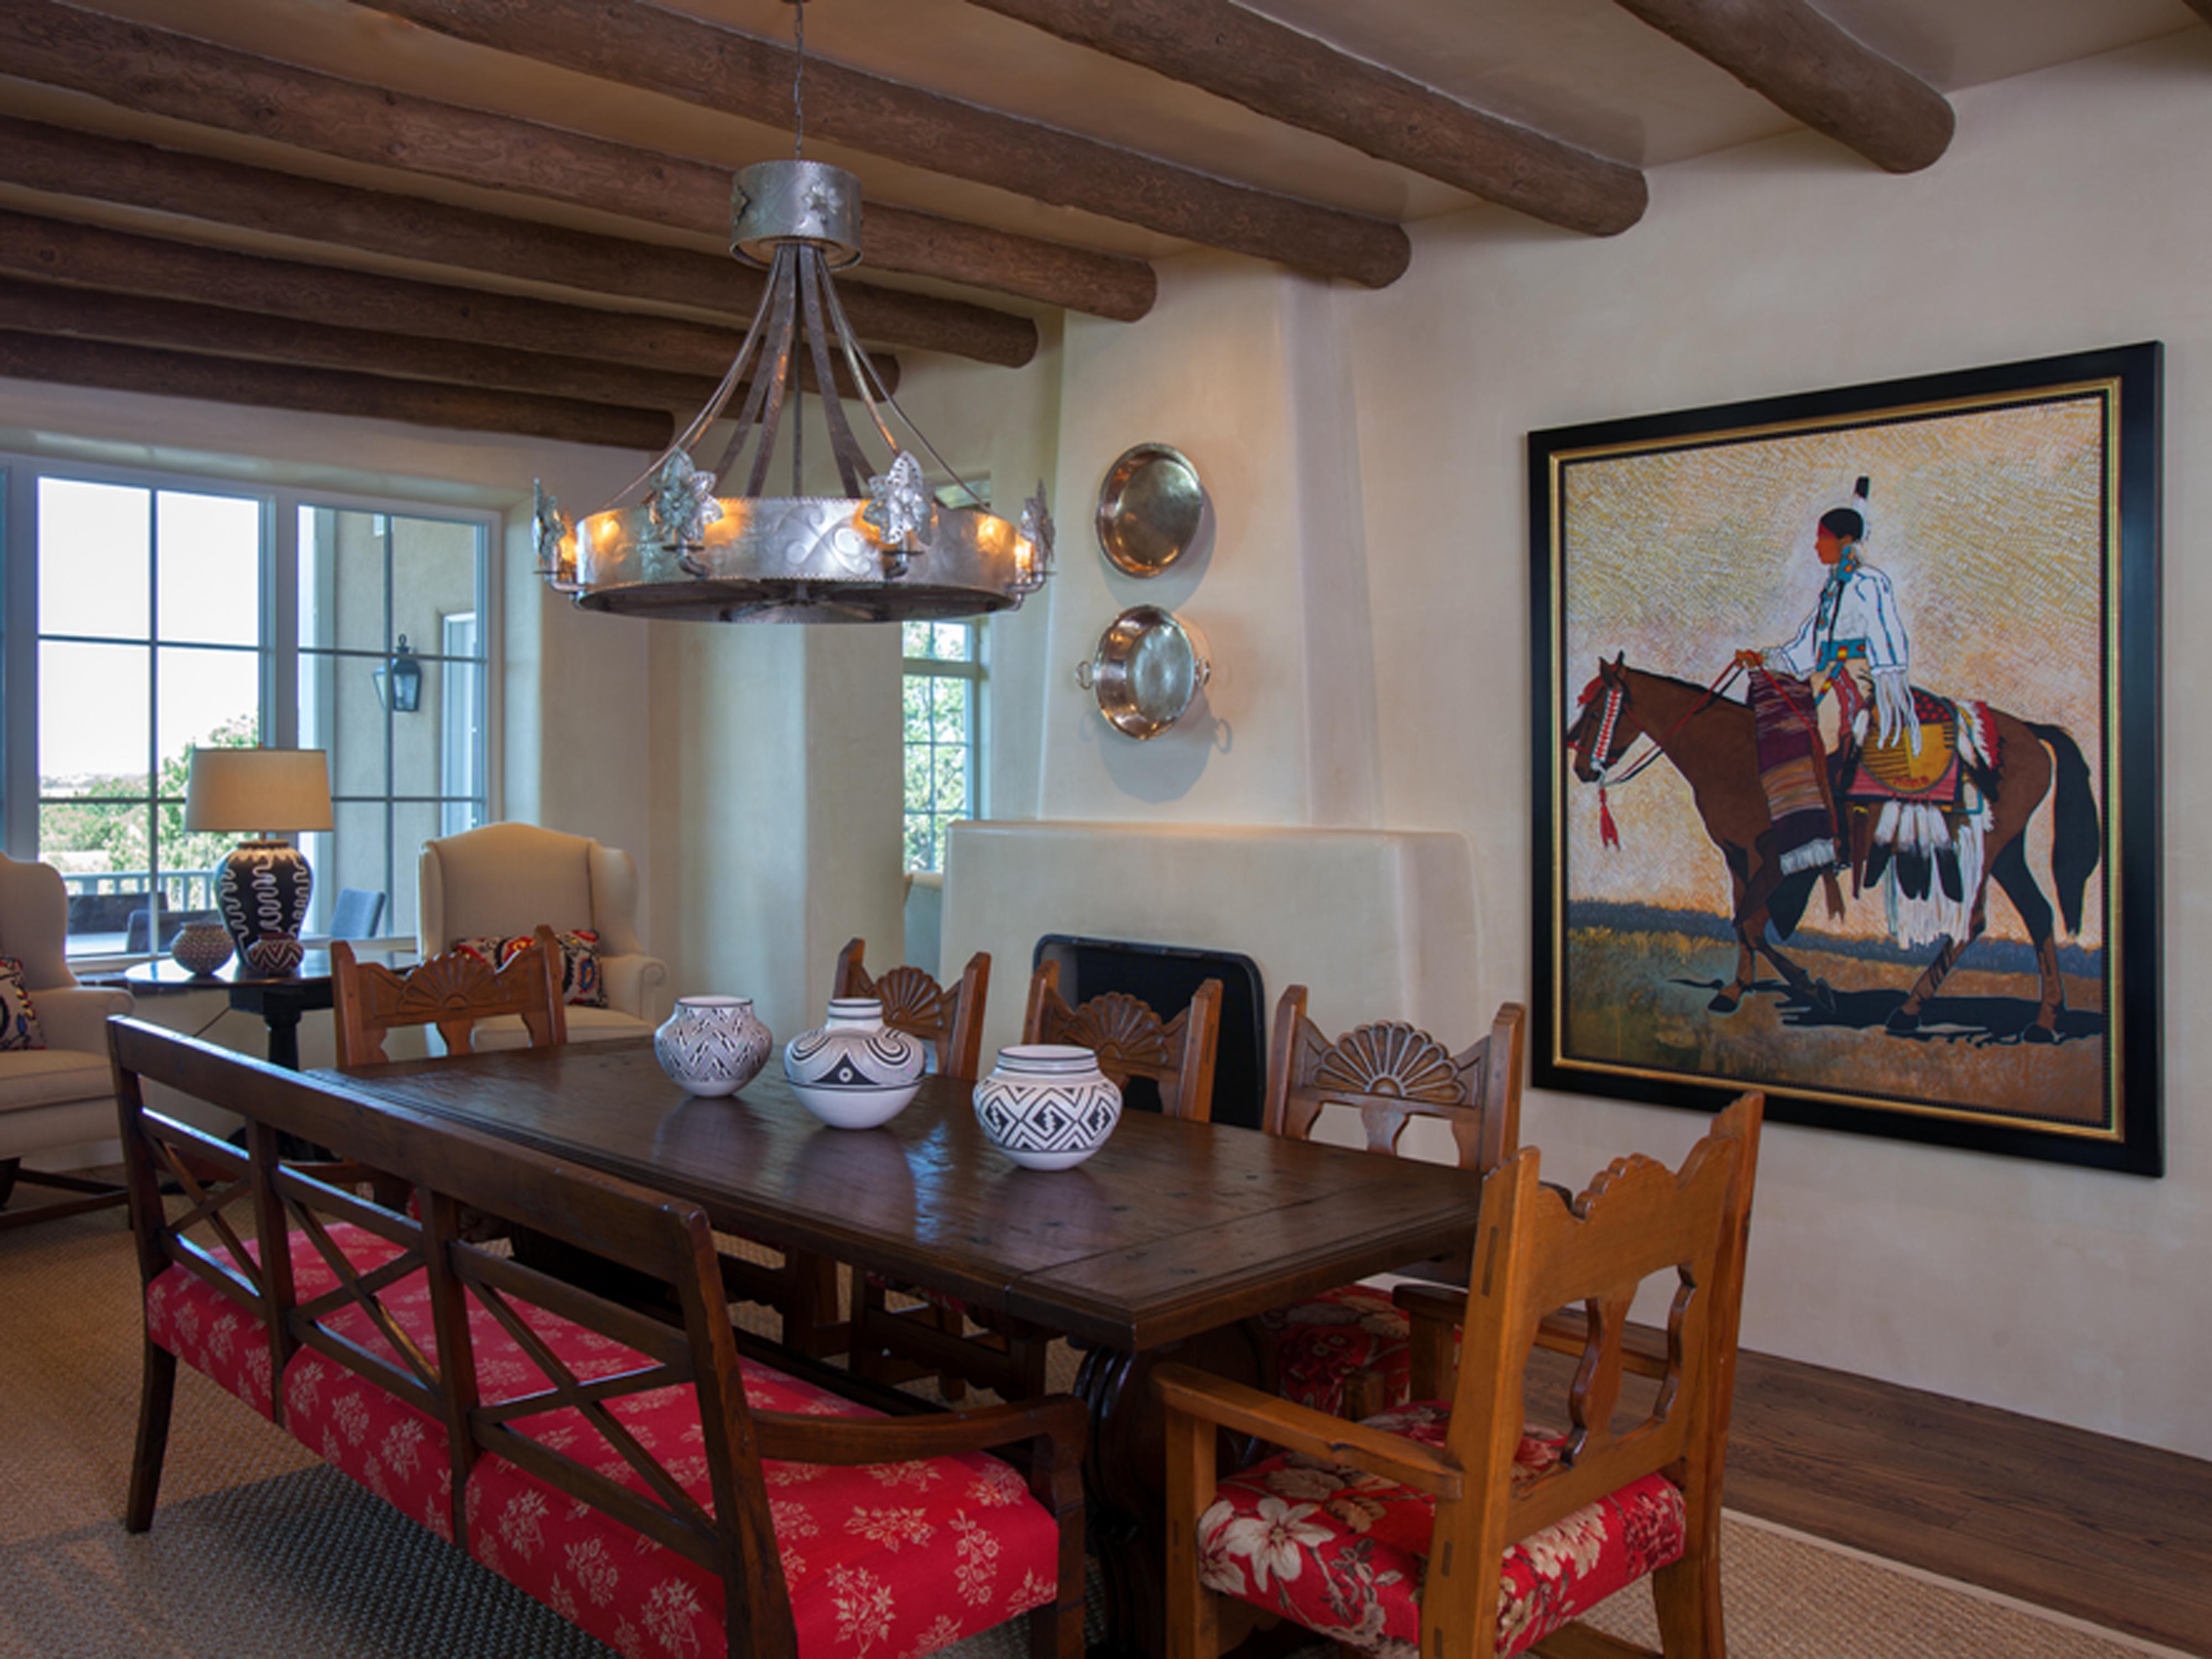 Santa fe style interior design - Previousnext